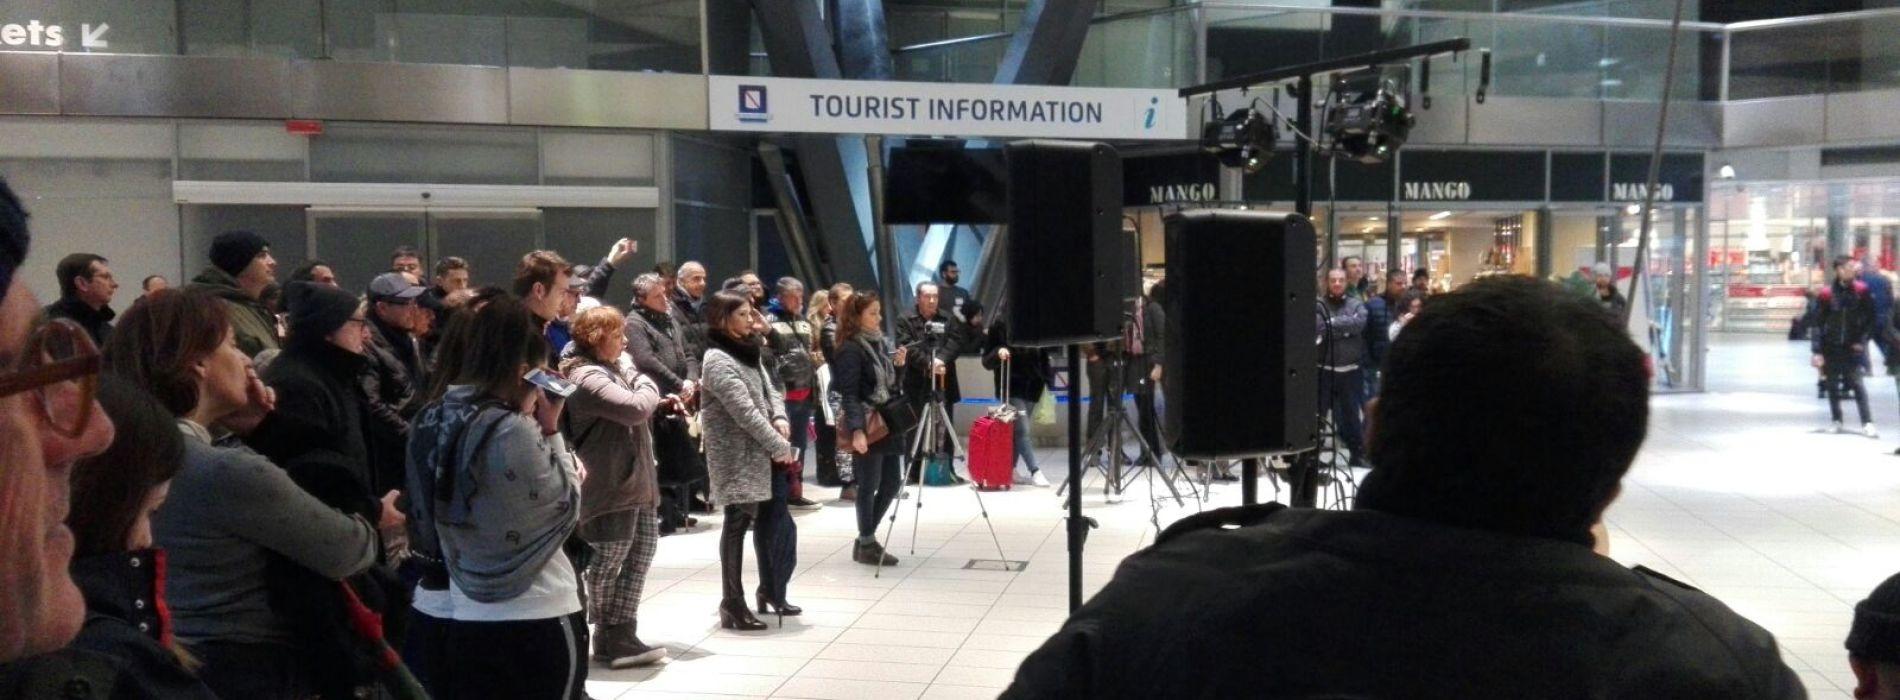 Deportati, arriva alla stazione di Caserta il teatro itinerante